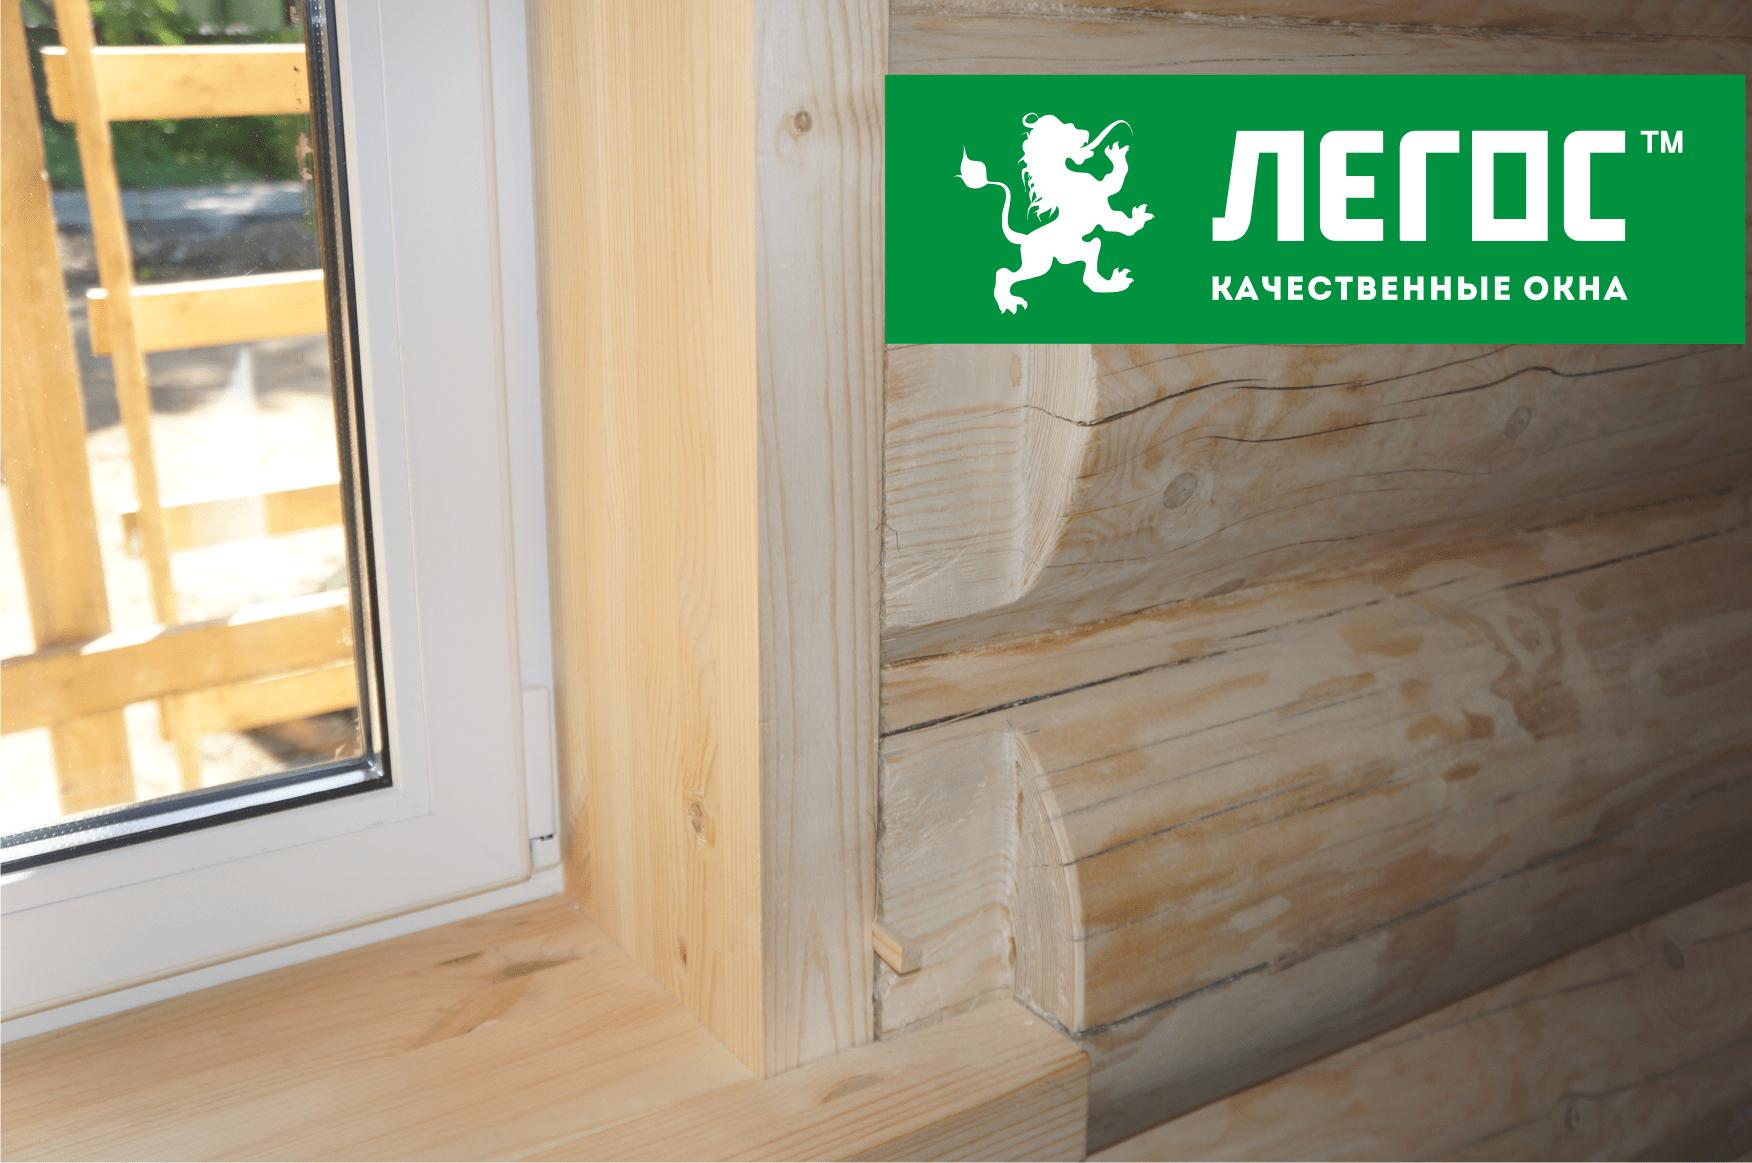 Мотаж окна в деревянном доме с окосячкой